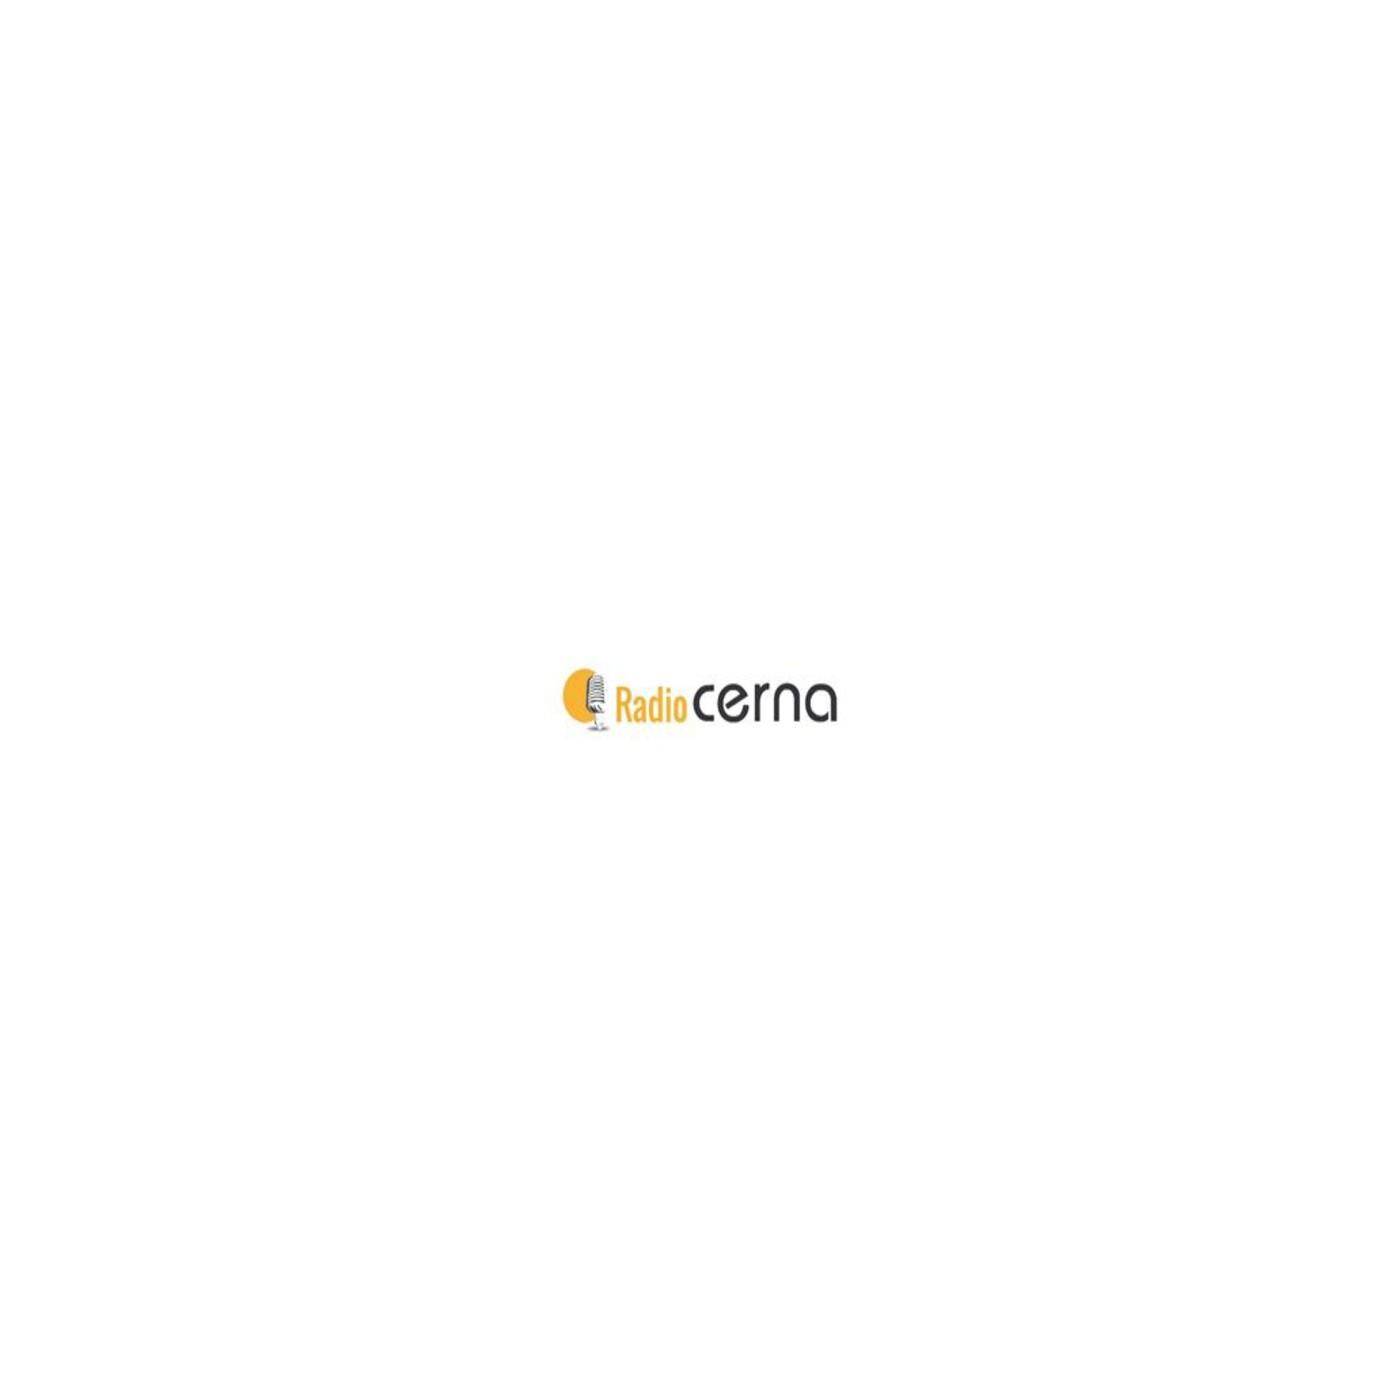 Podcast Radio Cerna